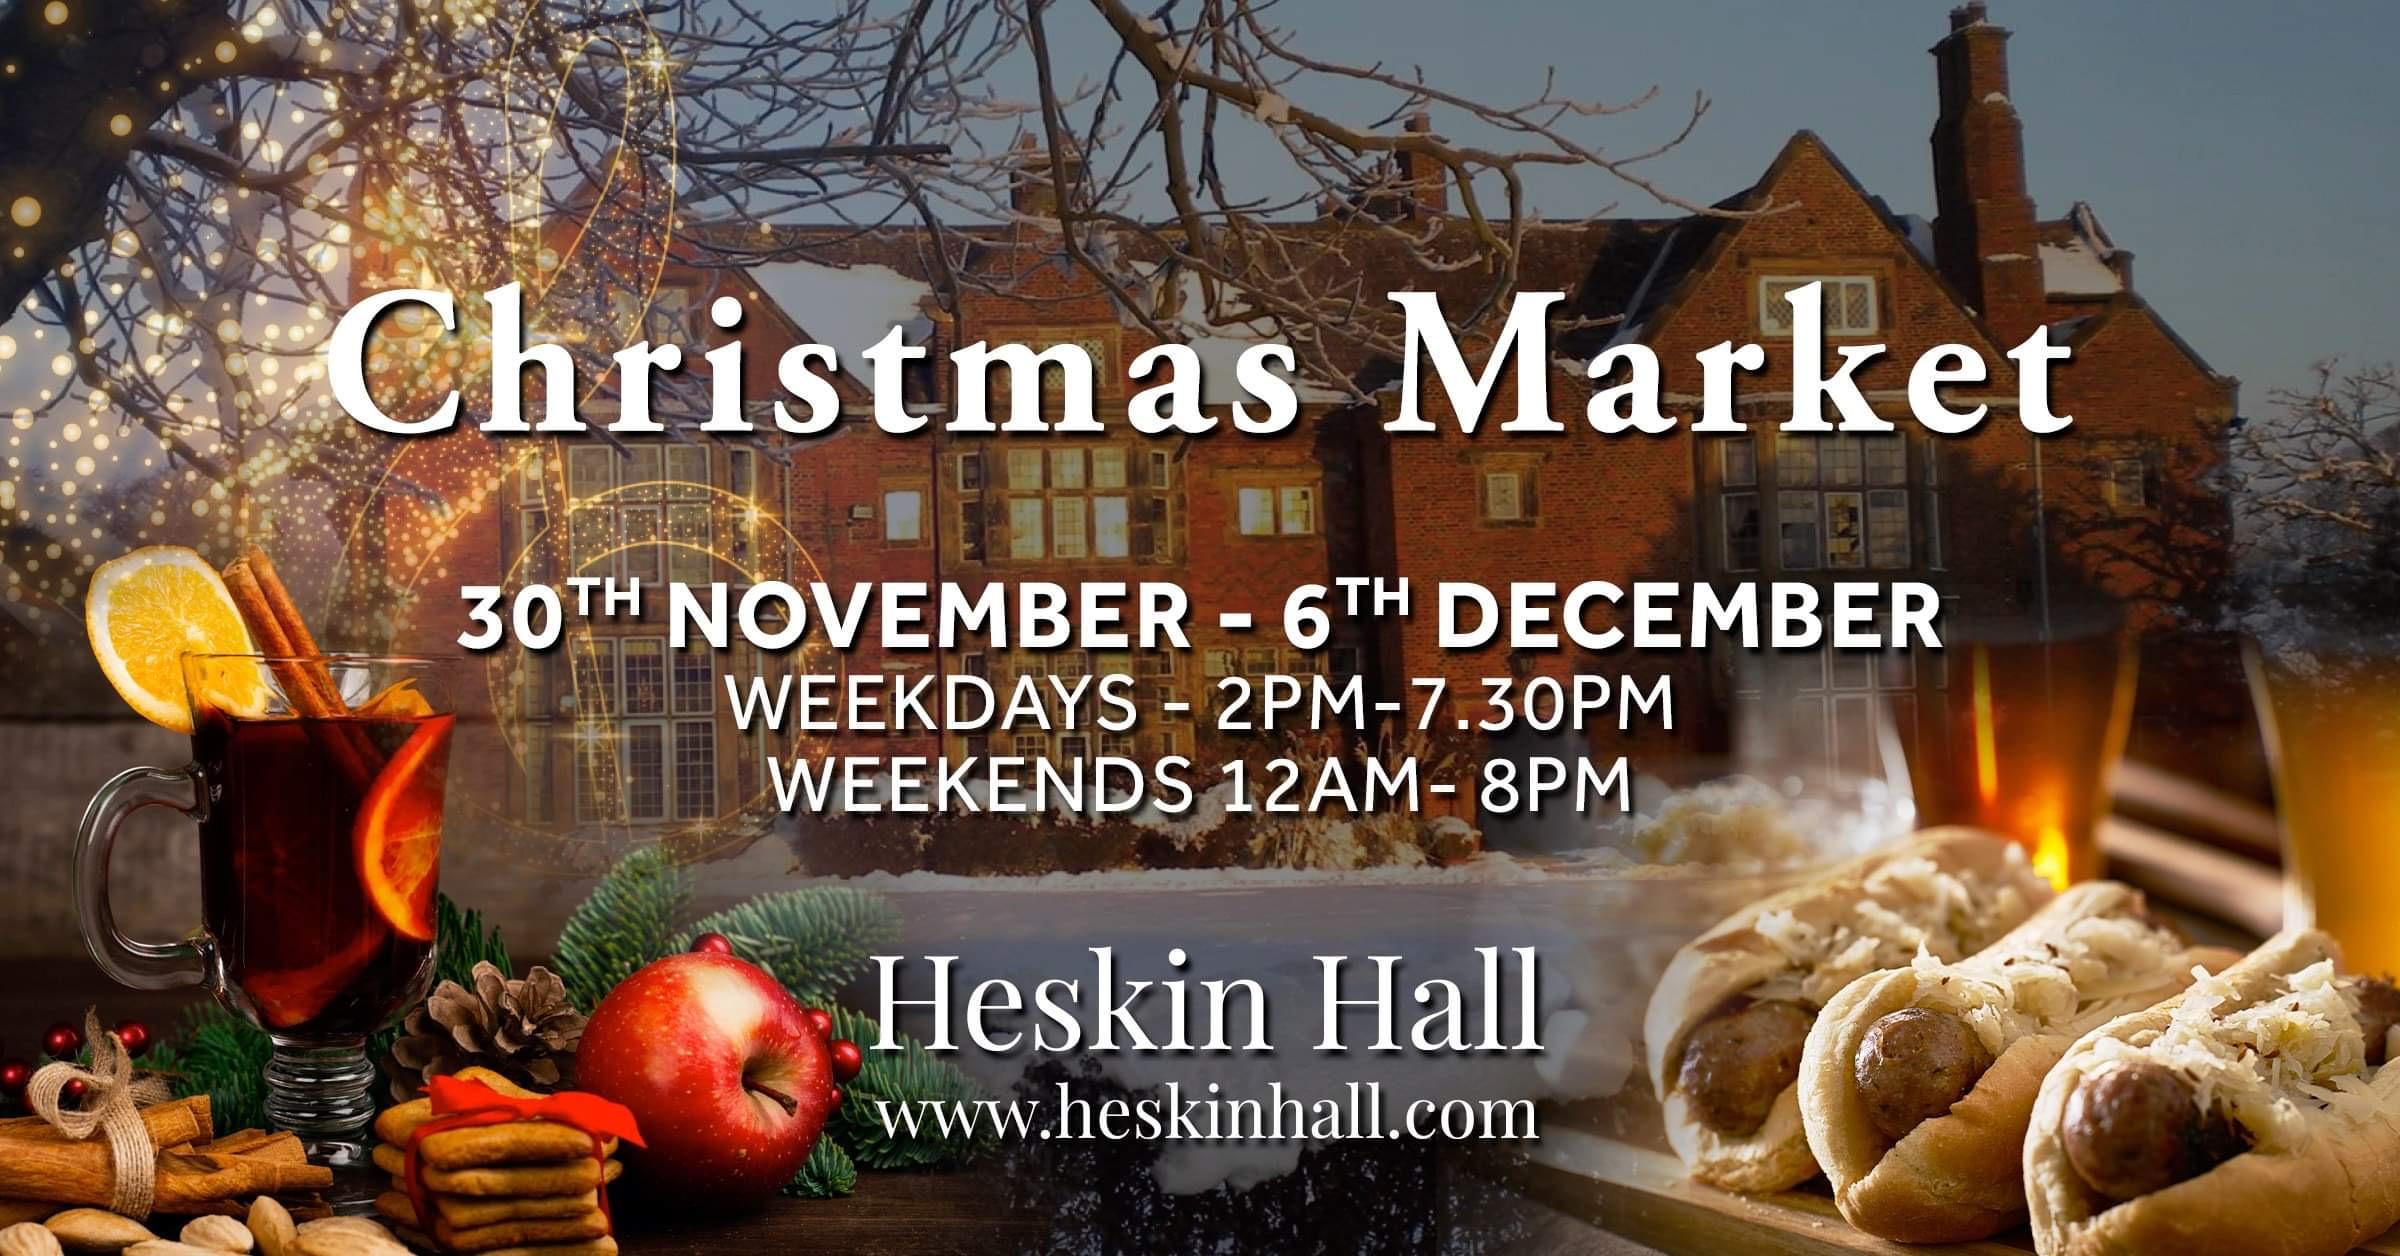 Christmas Market Heskin Hall